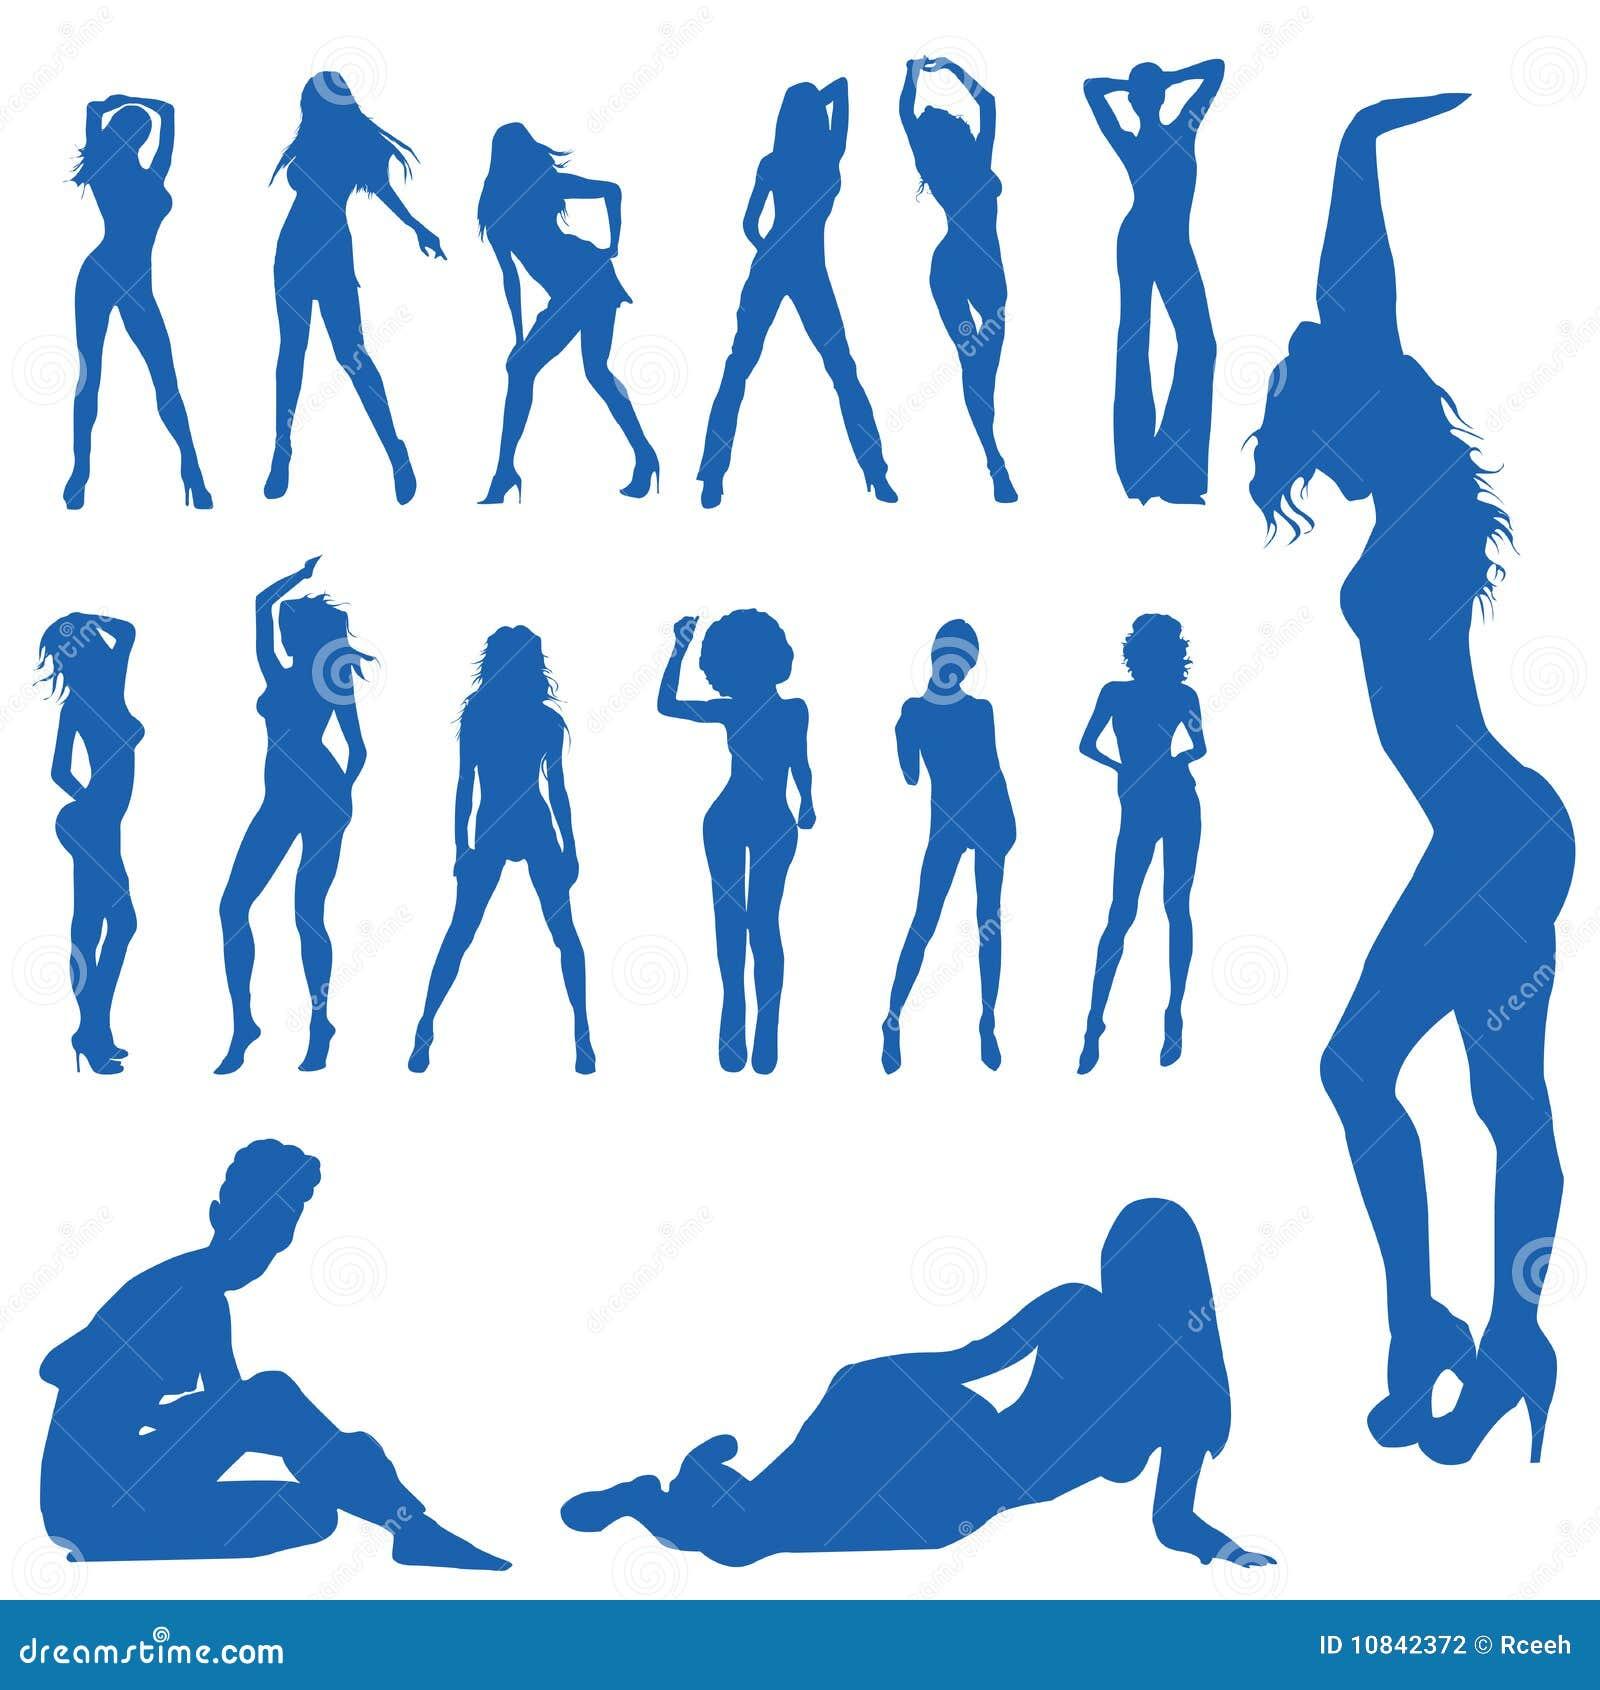 Ben noto Delle donne stilizzate foto stock - Iscriviti Gratis VG78